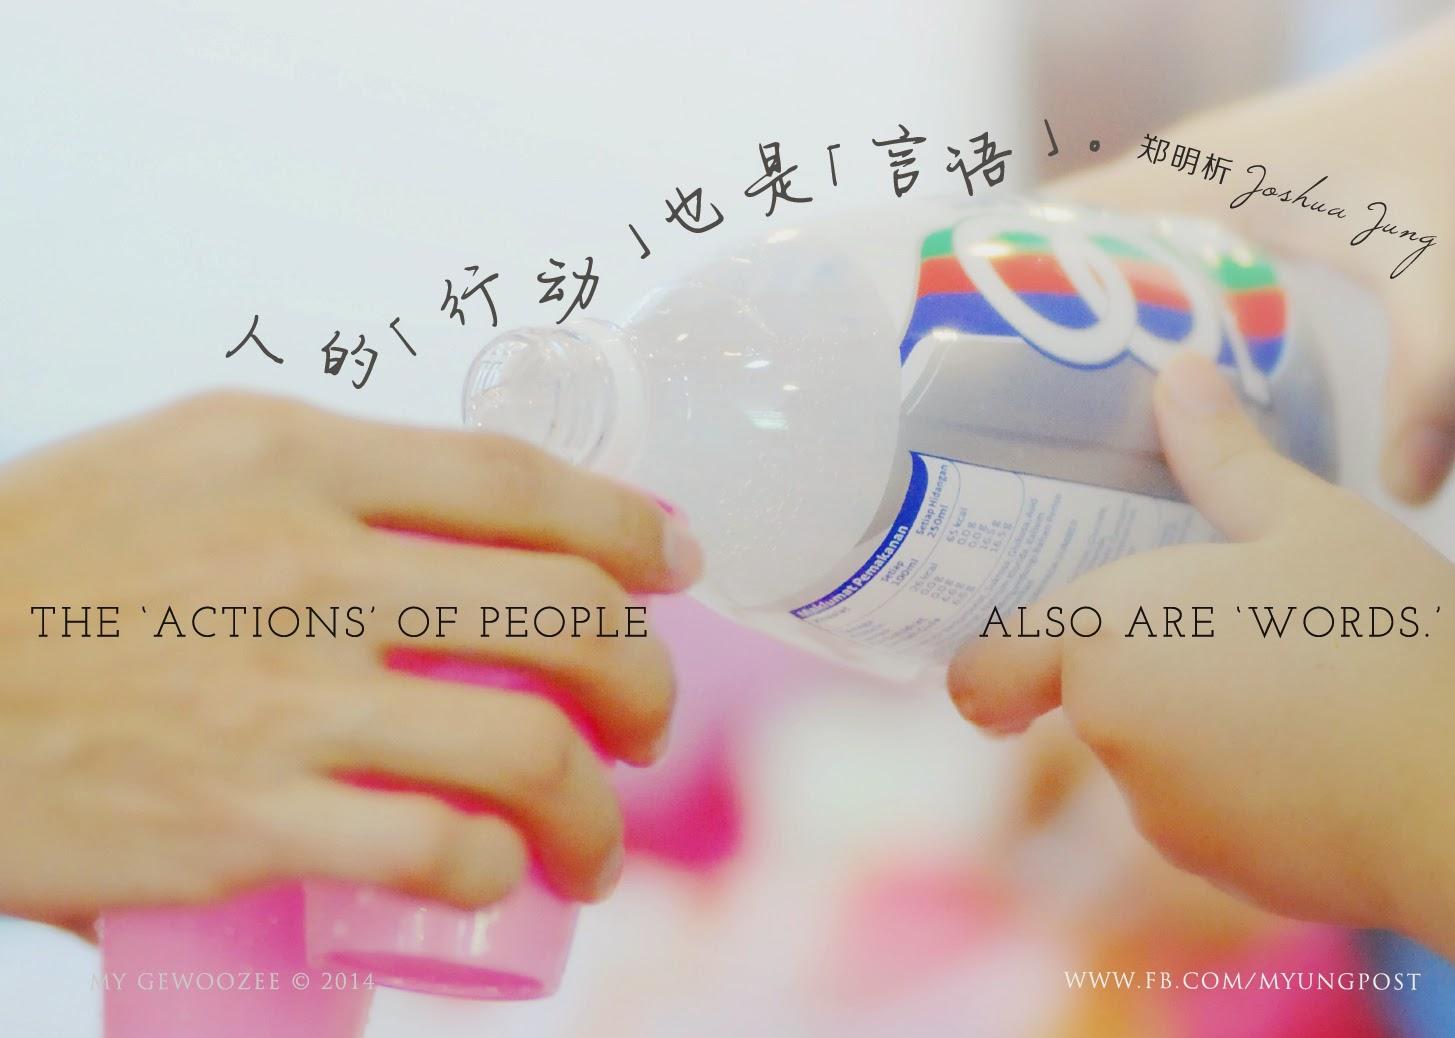 郑明析,摄理,月明洞,行动,言语,水,杯子,Joshua Jung, Providence, Wolmyeong Dong, action, words, water, cup